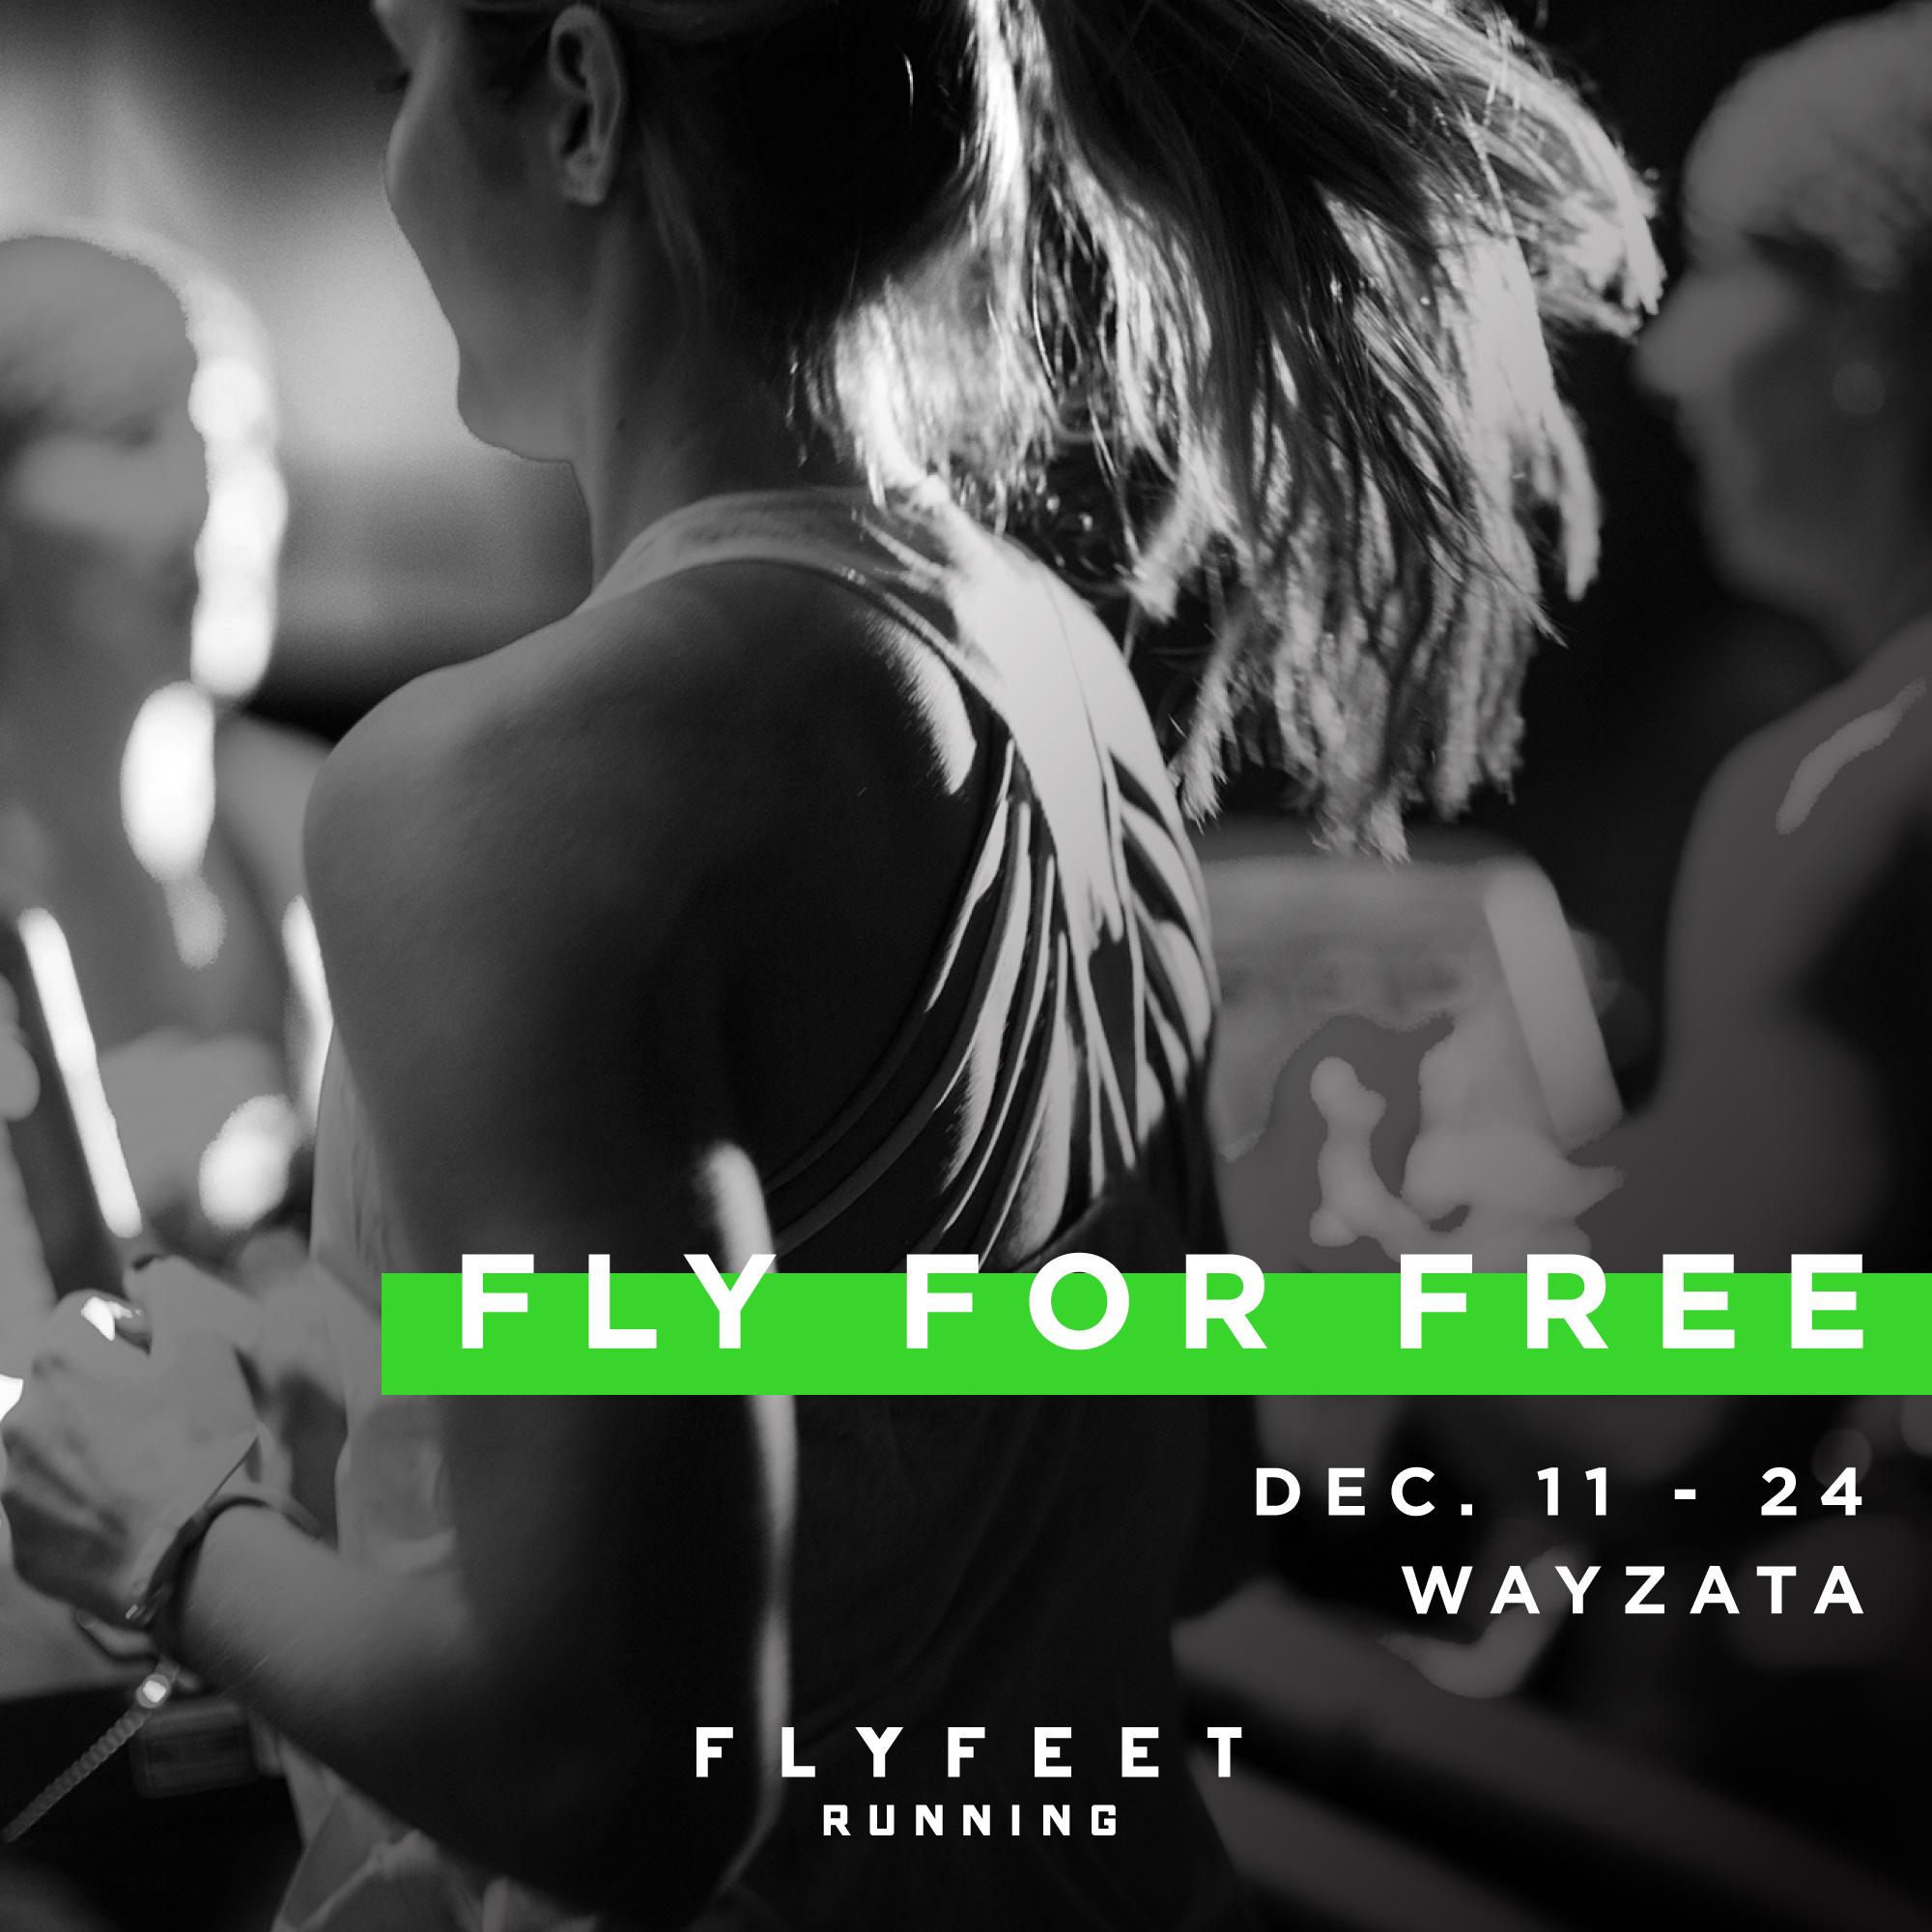 Fly Feet Running - Digital Marketing by Kayd Roy